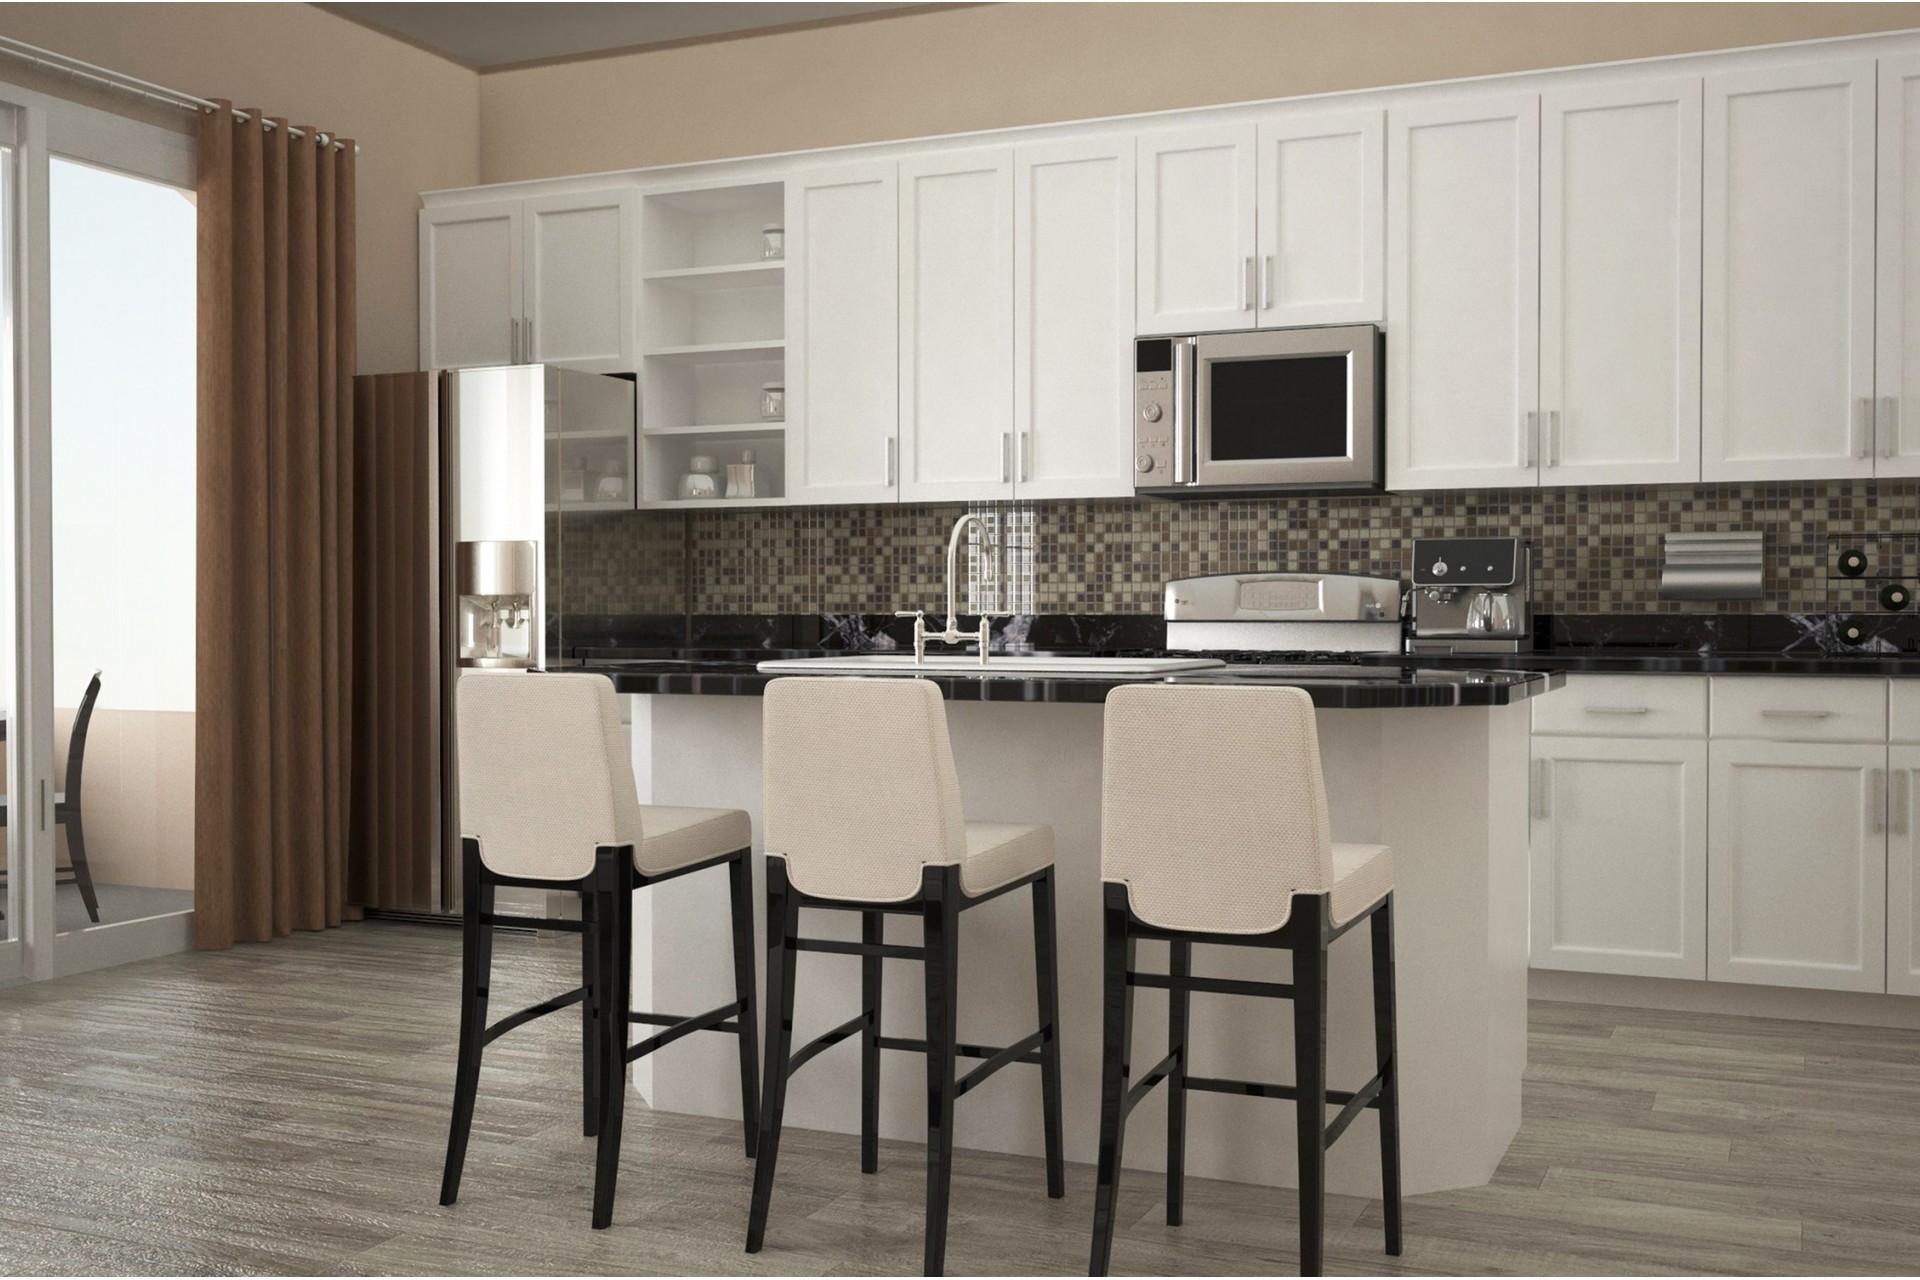 bella victoria apartments mesa az dining room and kitchen - 2 Bedroom Apartments In Mesa Az